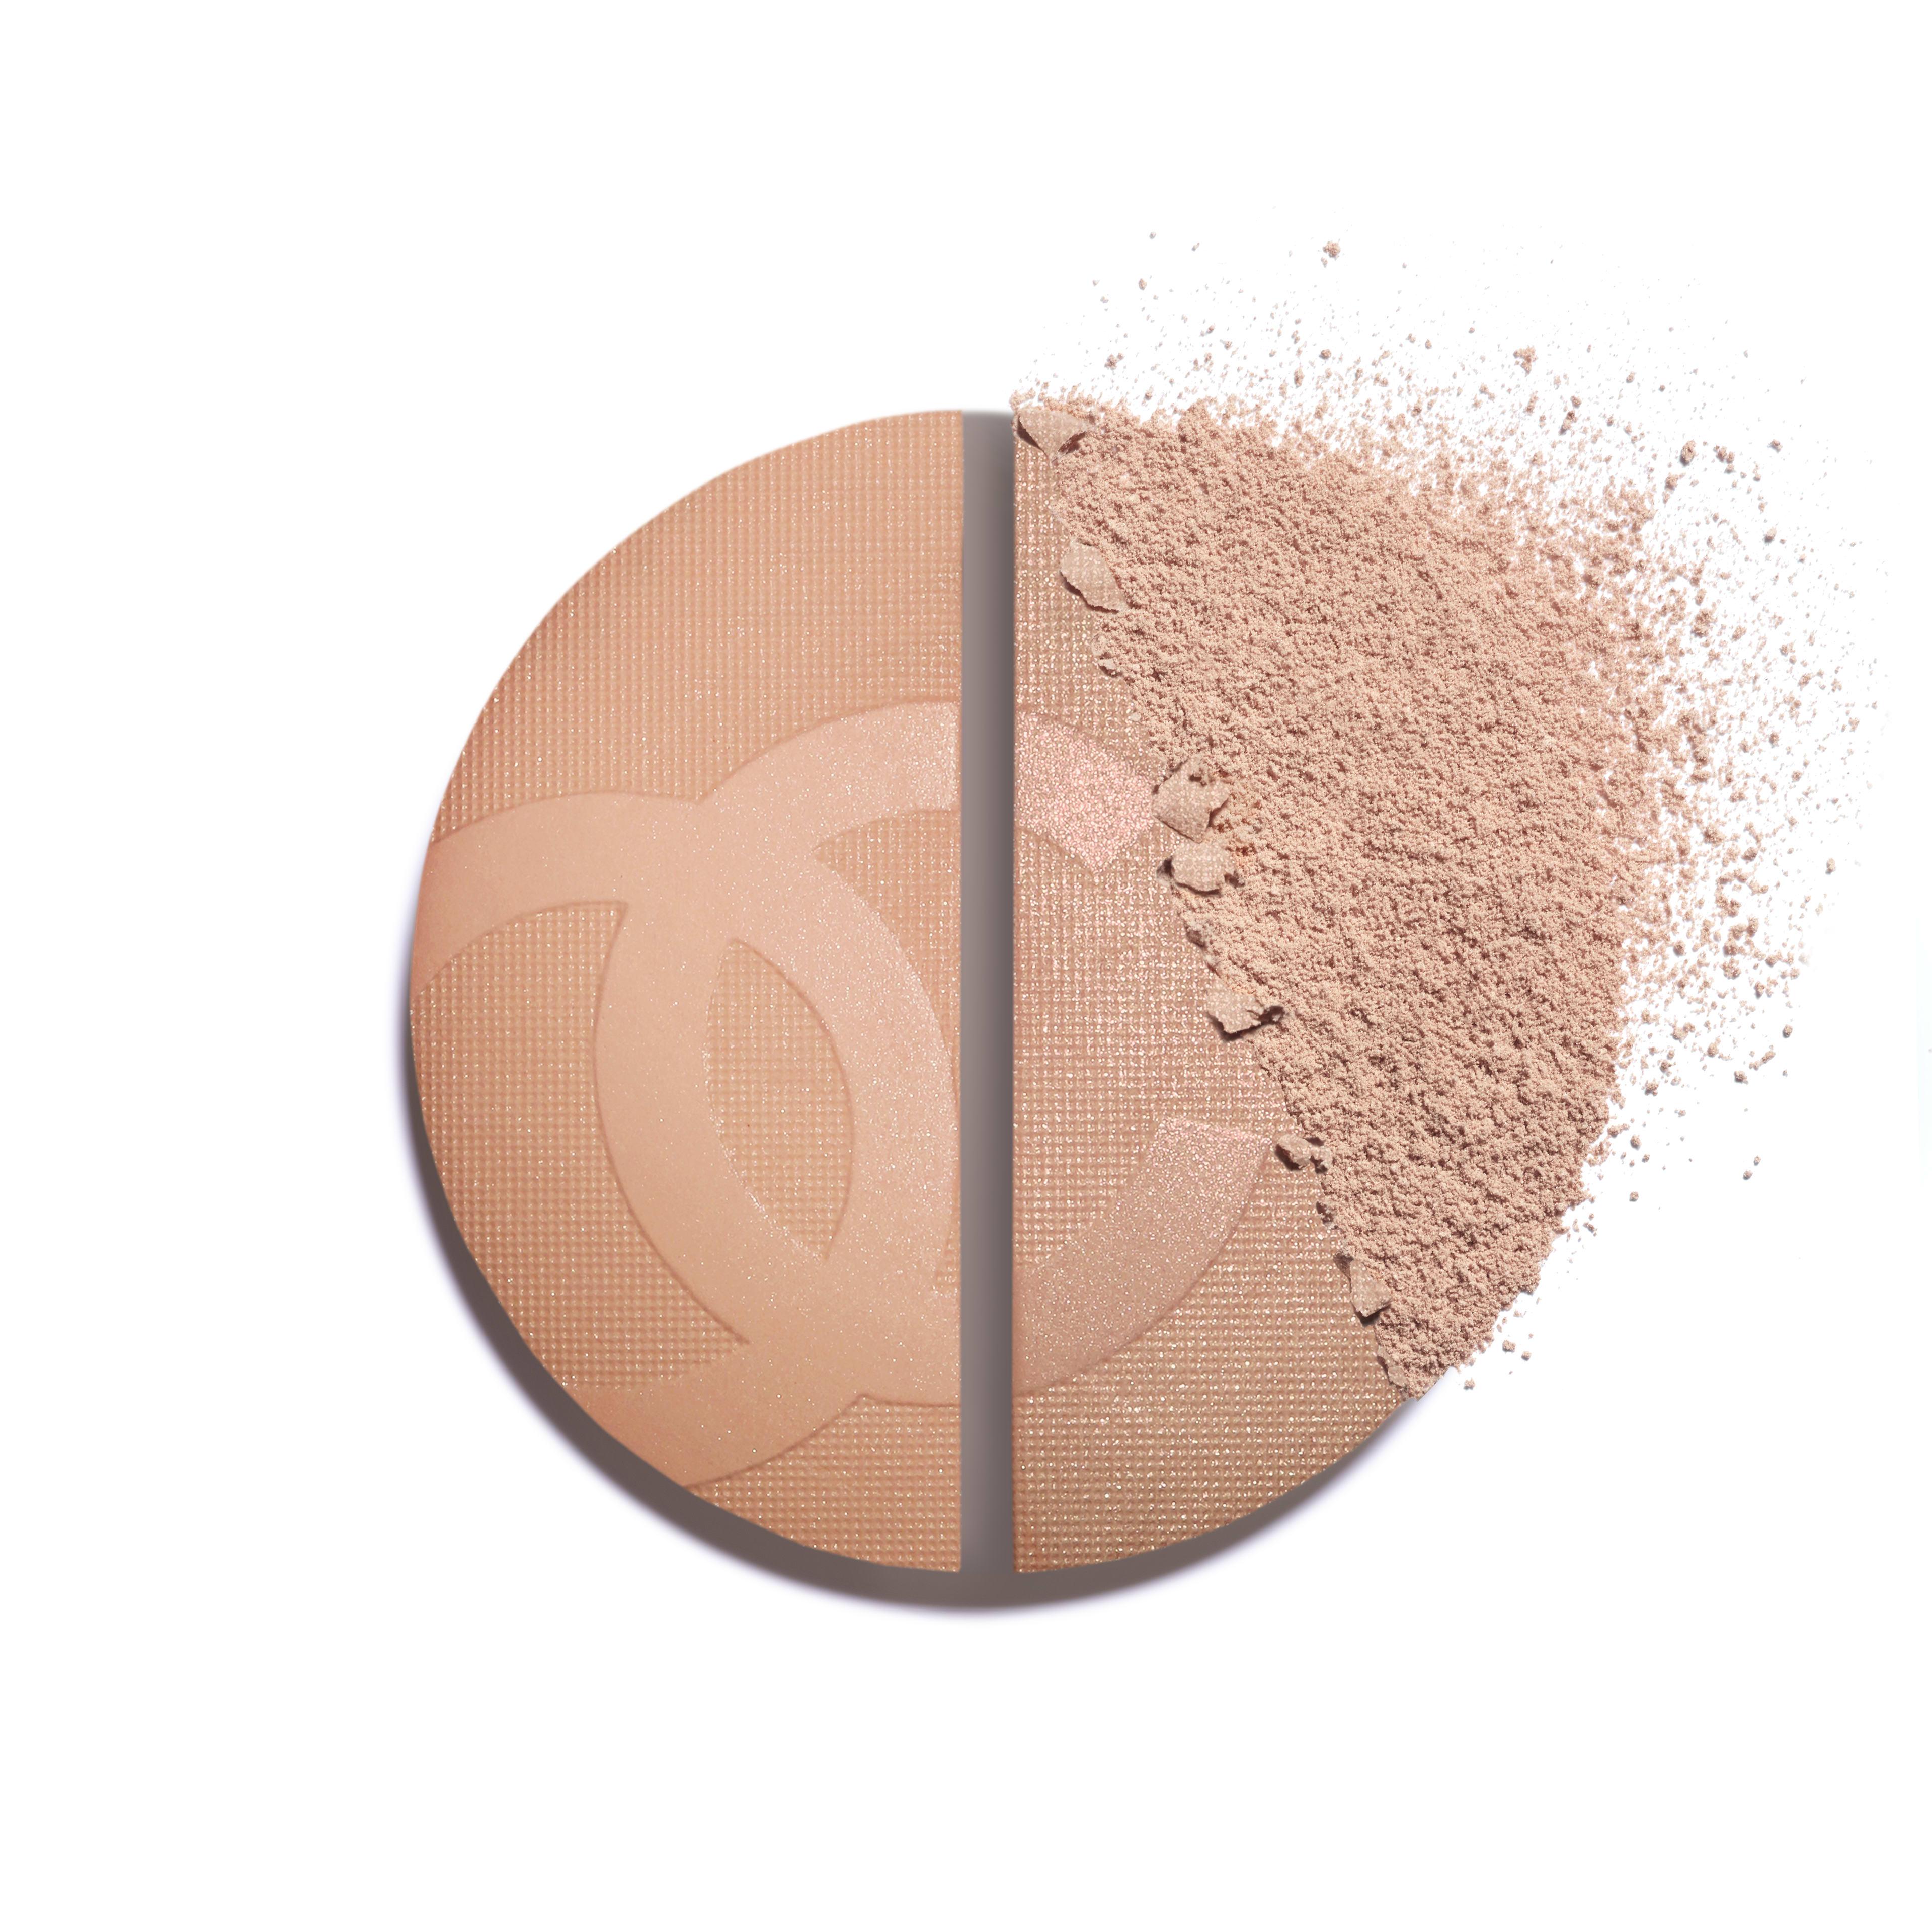 DUO BRONZE ET LUMIÈRE - makeup - 8g - Basic texture view